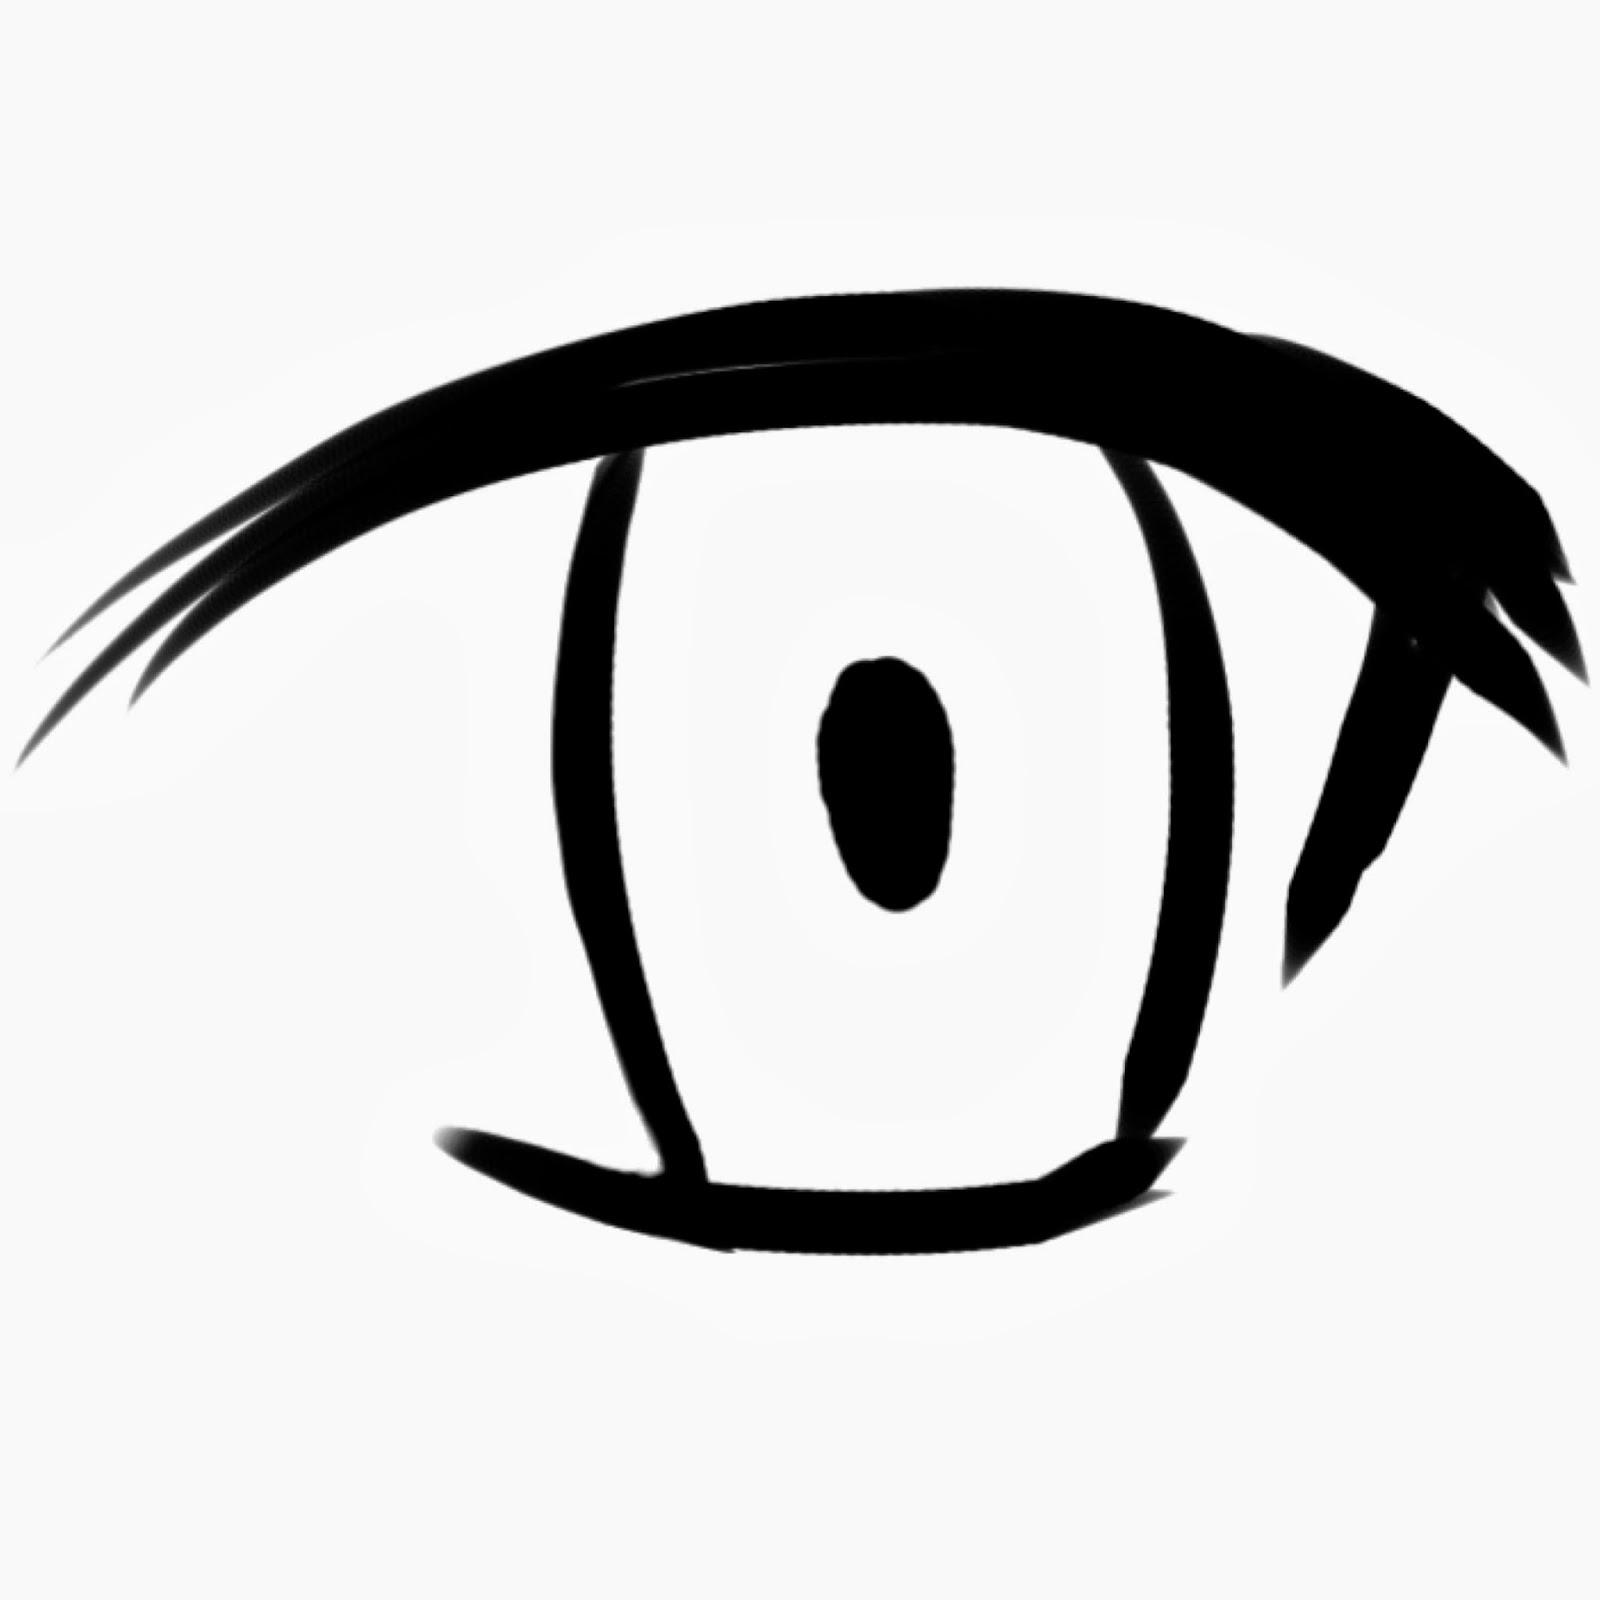 Karena ini tutorial mewarnai mata Jadi kalian harus menggambar sendiri mata anime kalian seperti contoh di atas